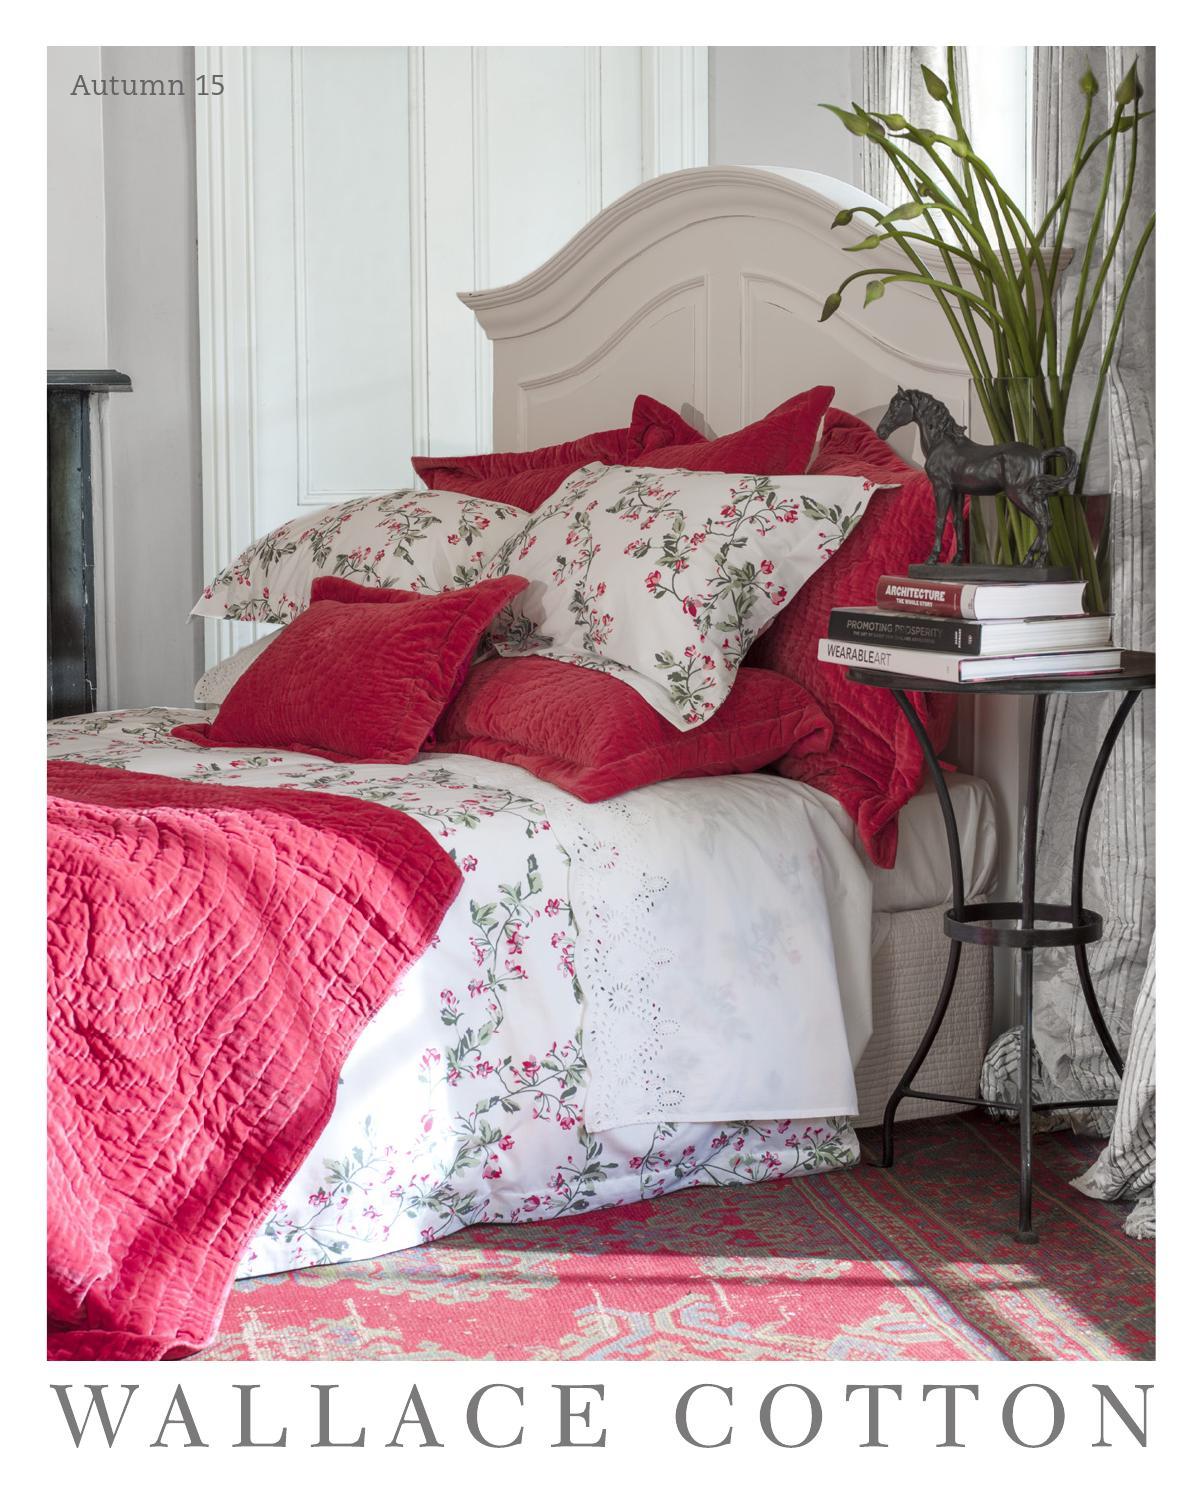 Baby Blue 2 x Cot Bed Flannelette Sheets 140cm x180cm